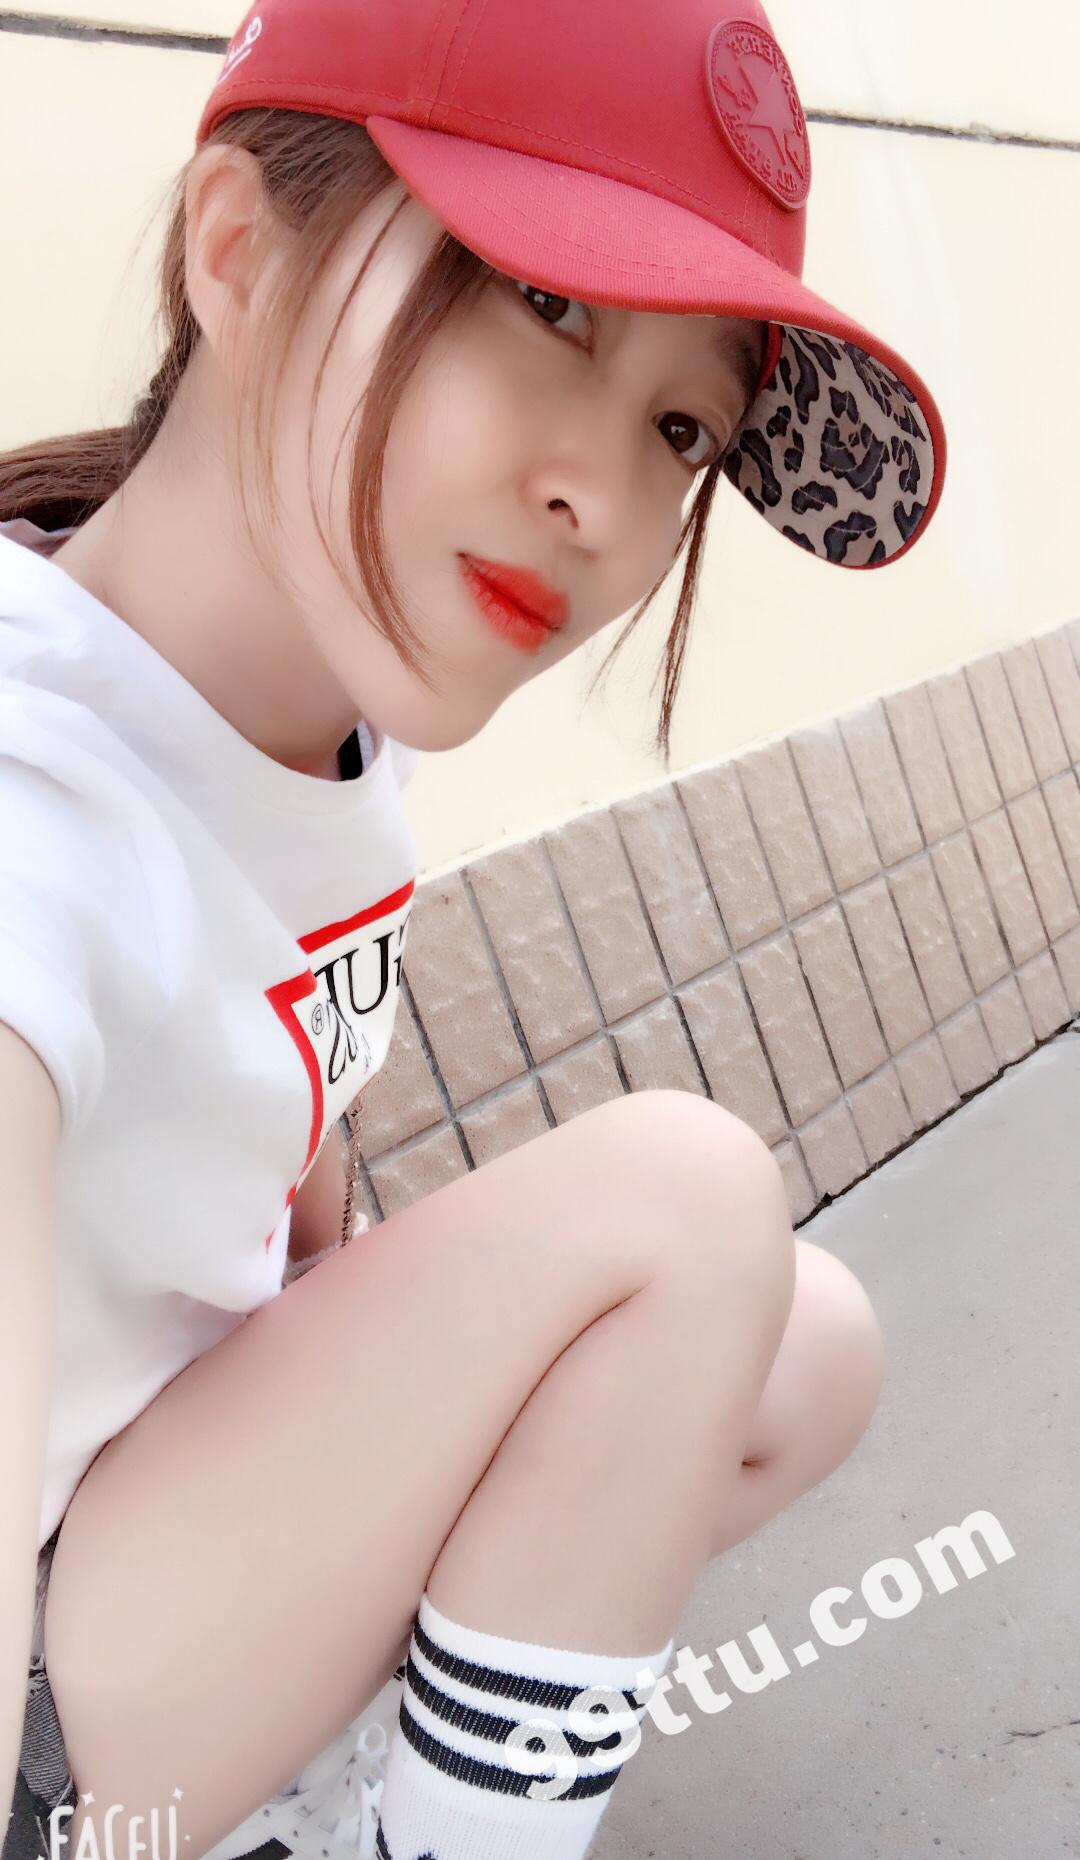 W23_女套图221照片+0视频(青春网红脸时尚)-4